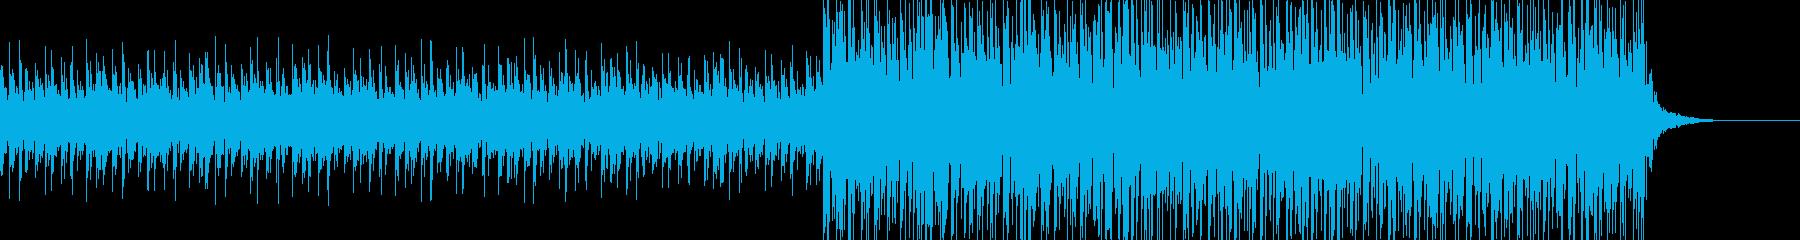 実用的なエレキギターの無機質BGMの再生済みの波形